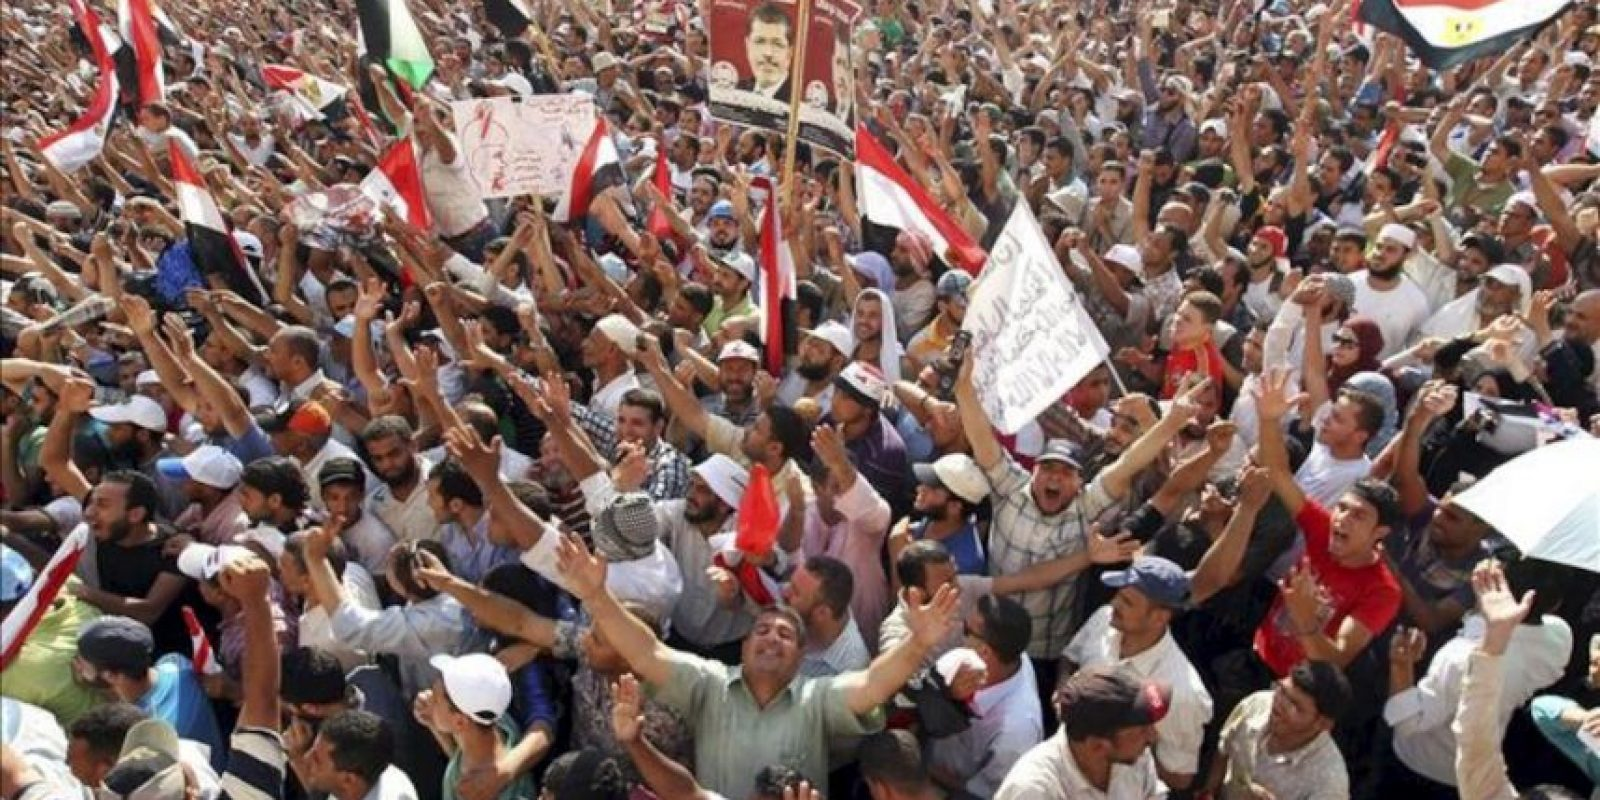 Seguidores del candidato de los Hermanos Musulmanes, Mohamed Mursi, celebran su victoria en las elecciones presidenciales en Egipto, según ha proclamado hoy la Comisión Electoral Suprema, en la plaza Tahrir de El Cairo, Egipto, el domingo 24 de junio de 2012. EFE